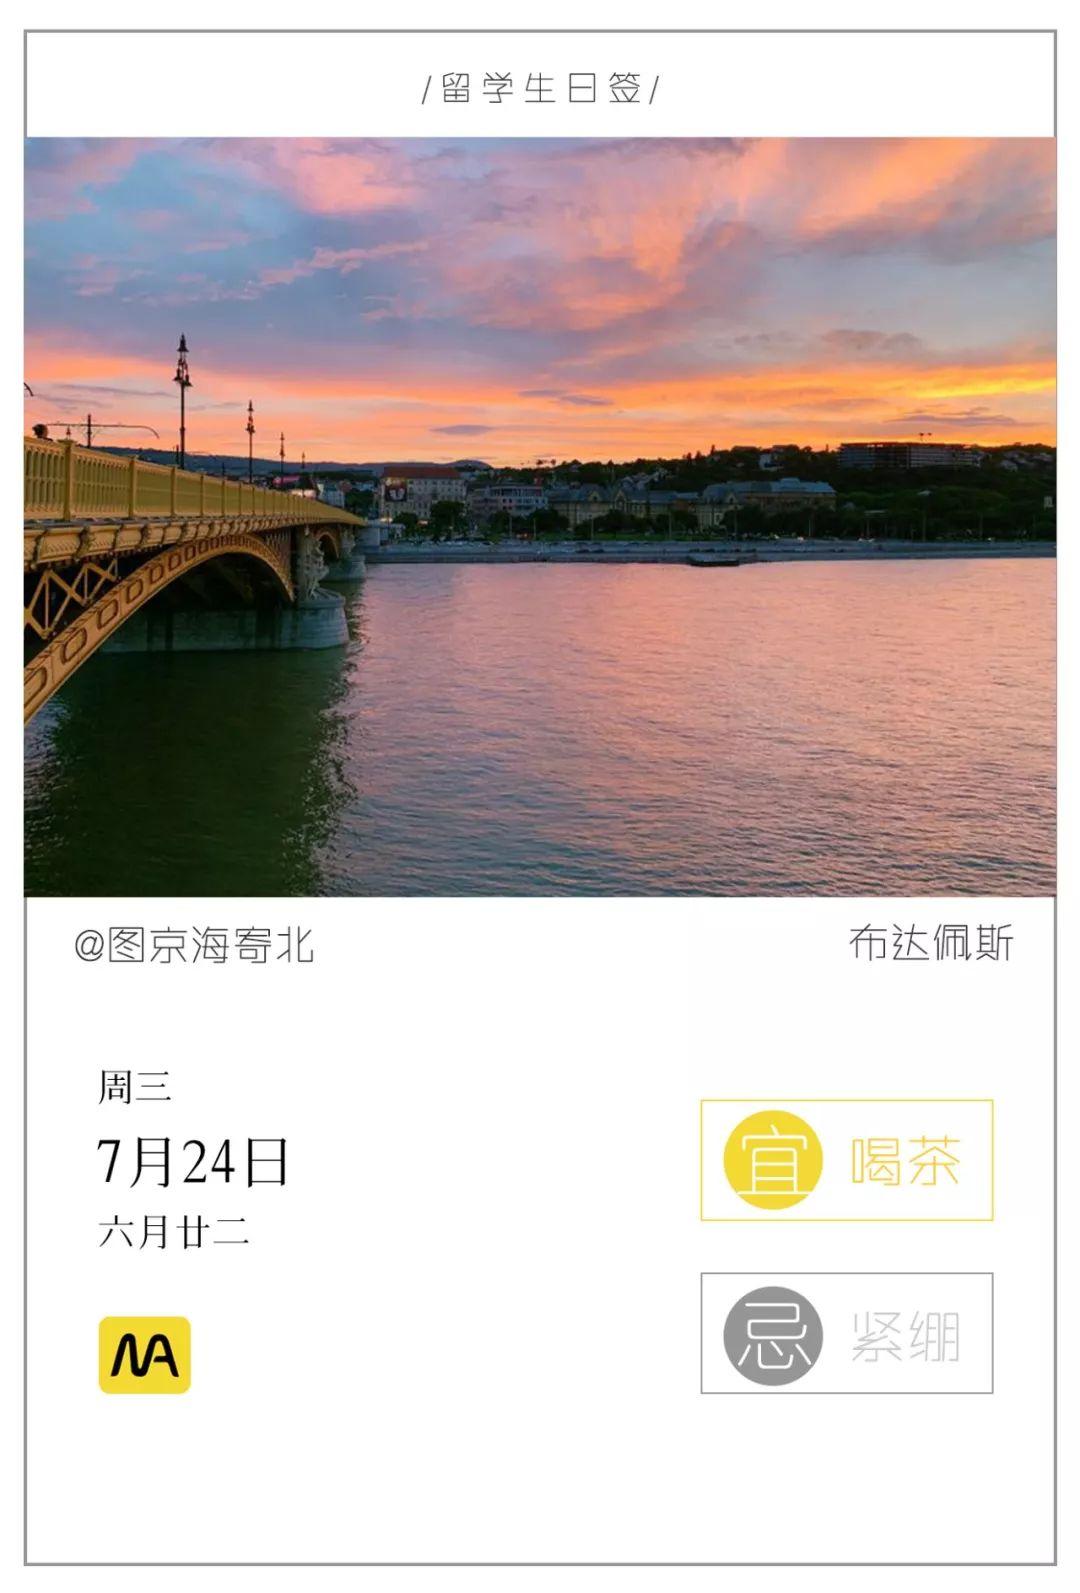 永利娱乐导航网站